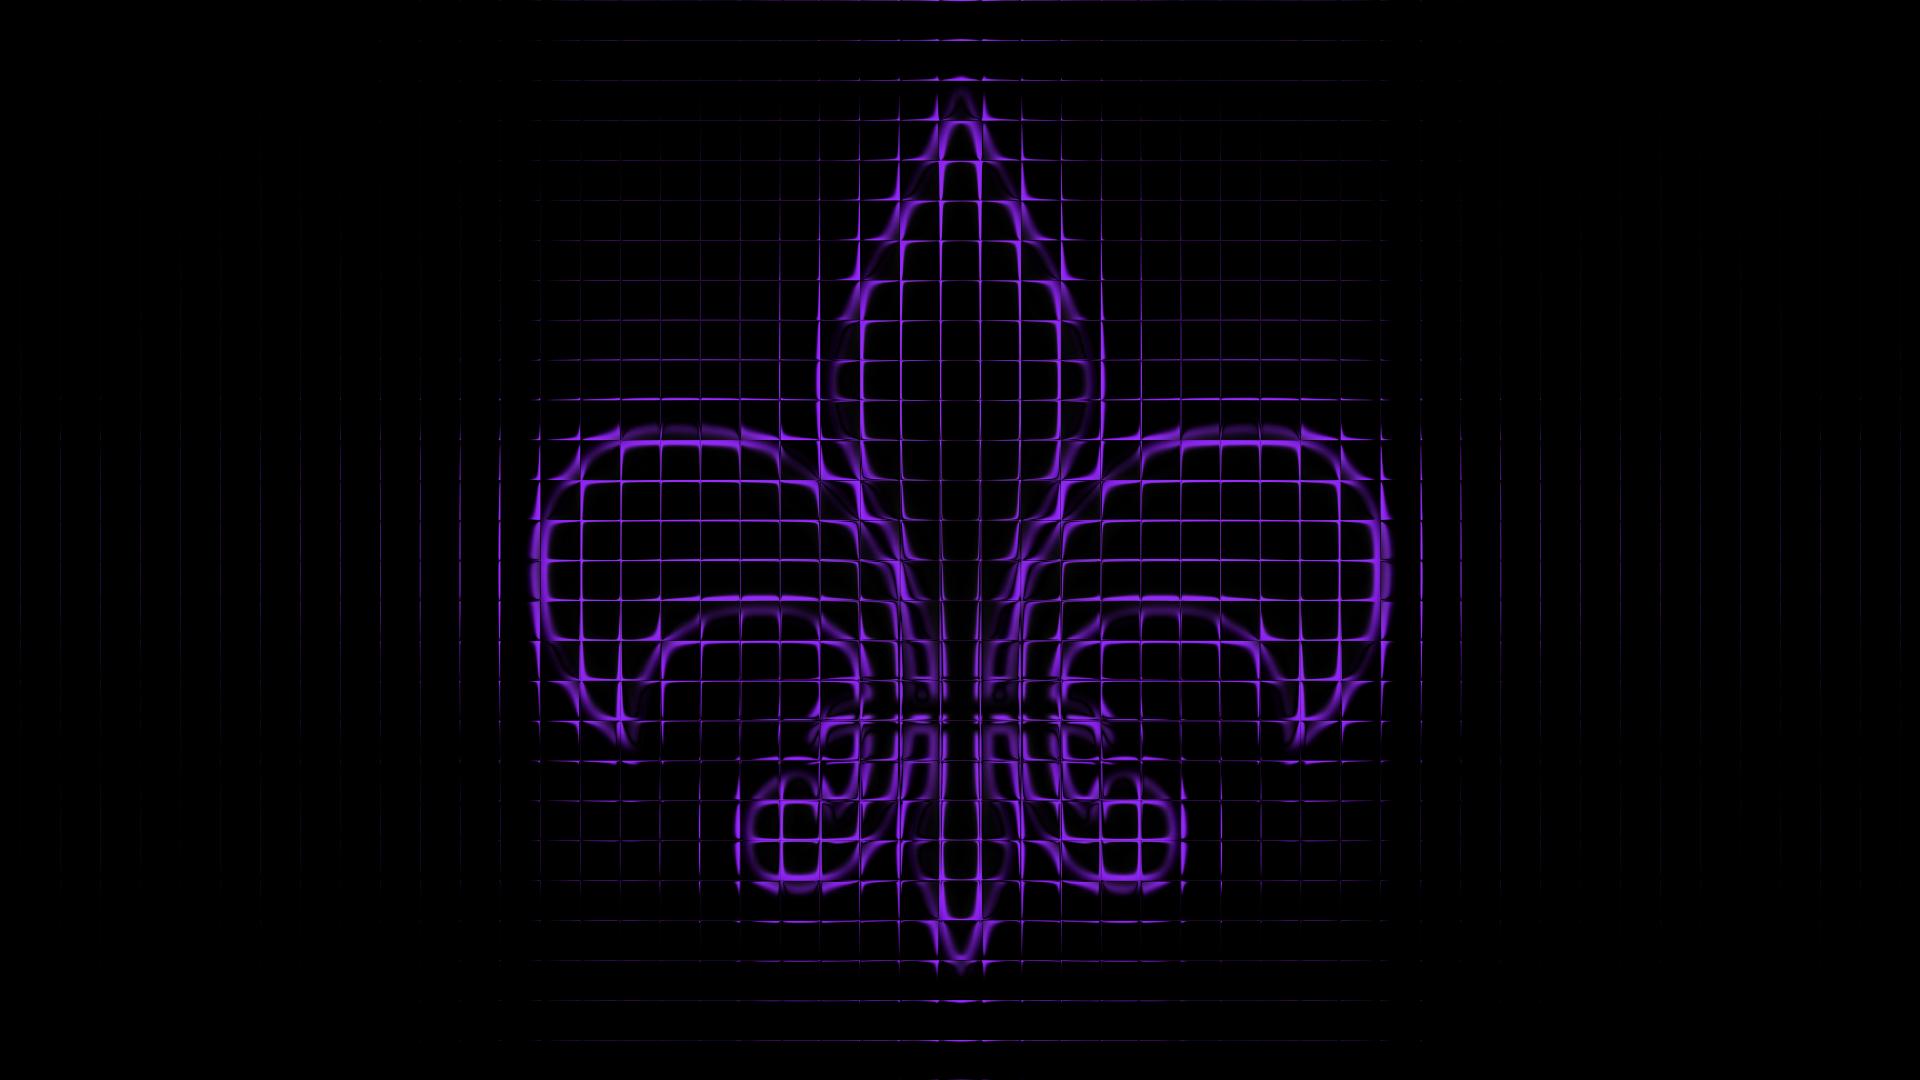 Top fleur de lis symbol meaning wallpapers Fleur de lis wall